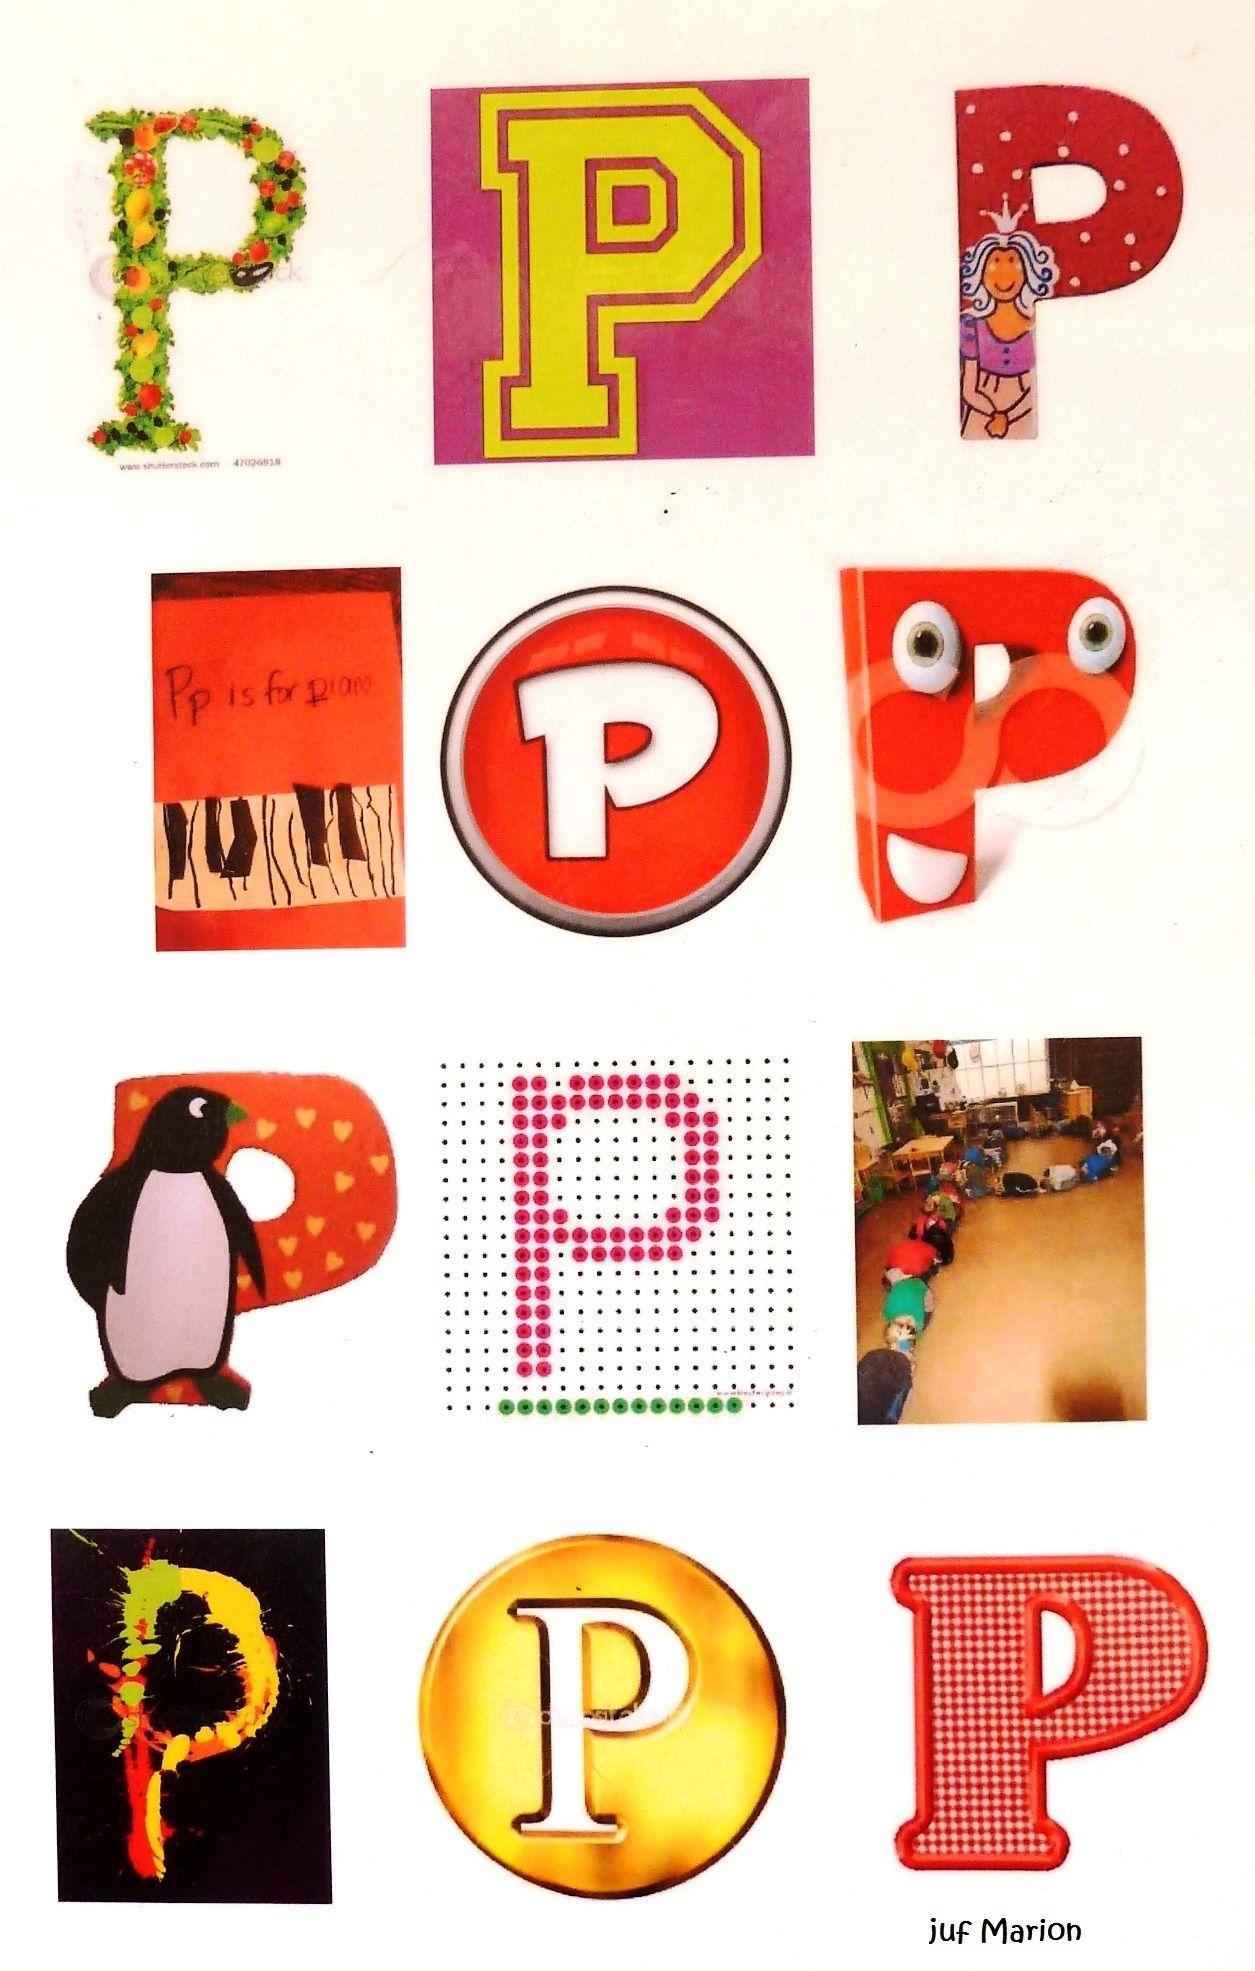 Letter P/p